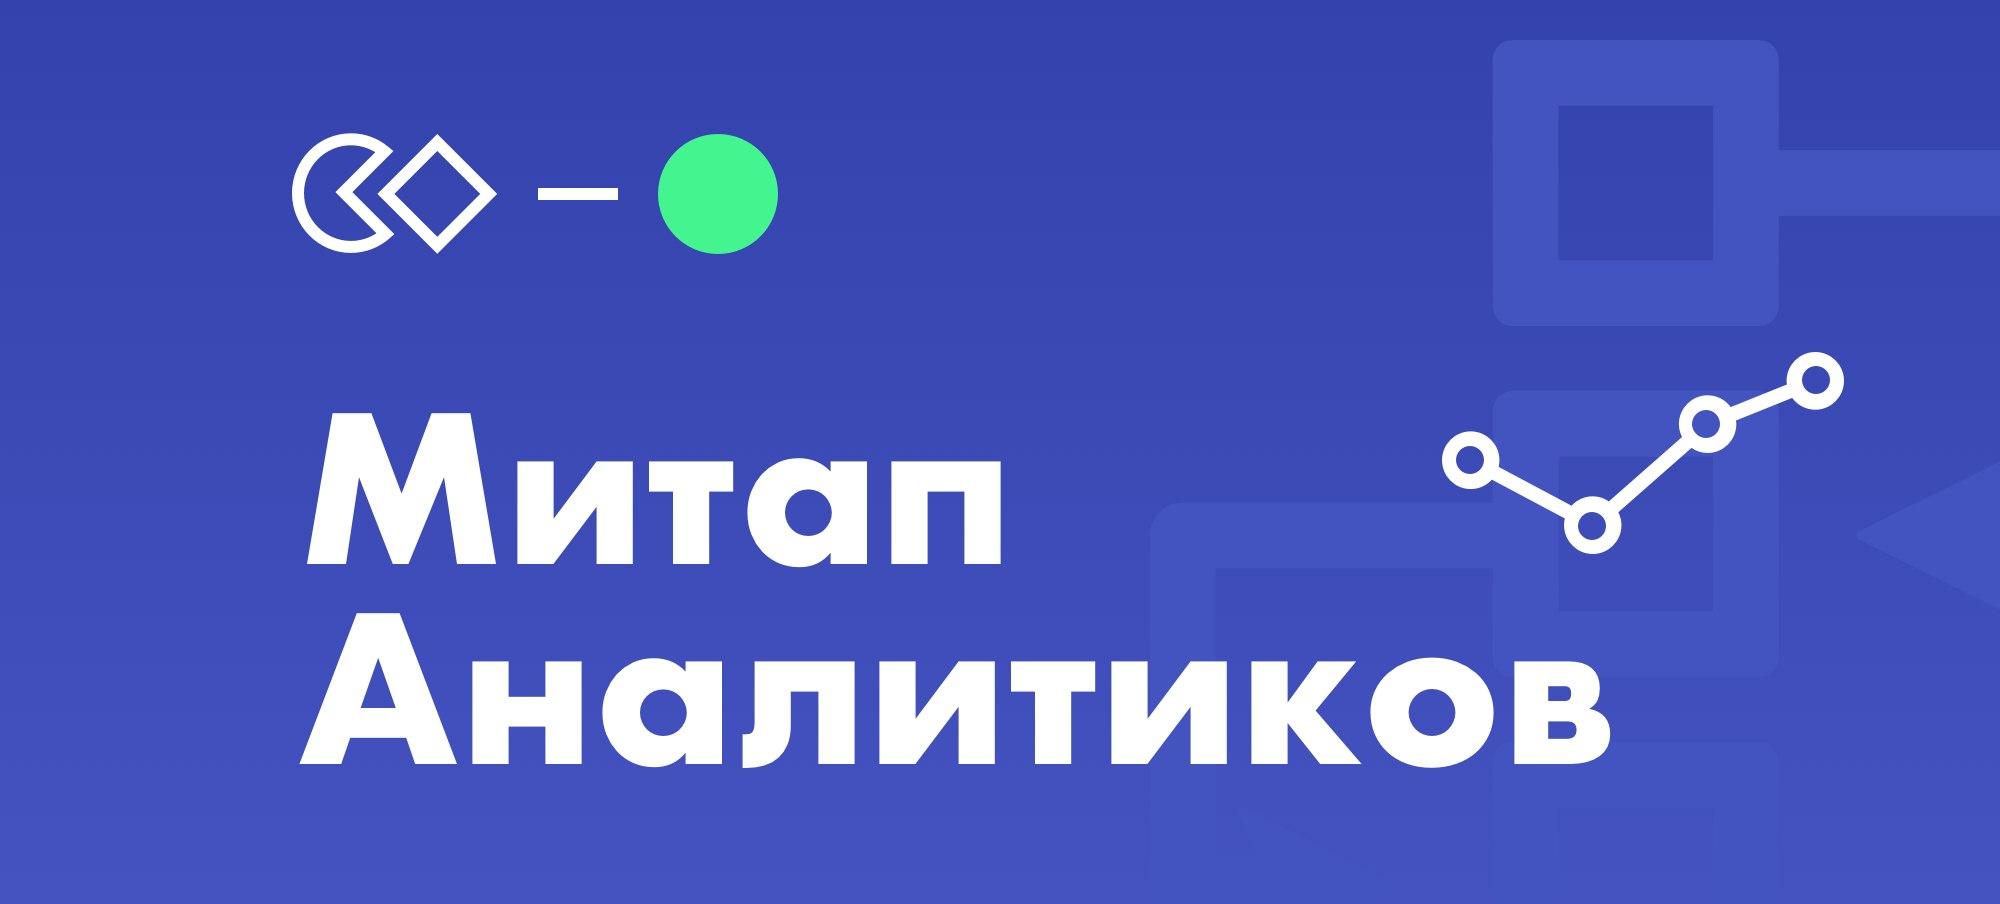 [Екатеринбург, анонс] Митап аналитиков — о первых аналитиках и CBAP, о метриках, о госсекторе и видах аналитиков - 1